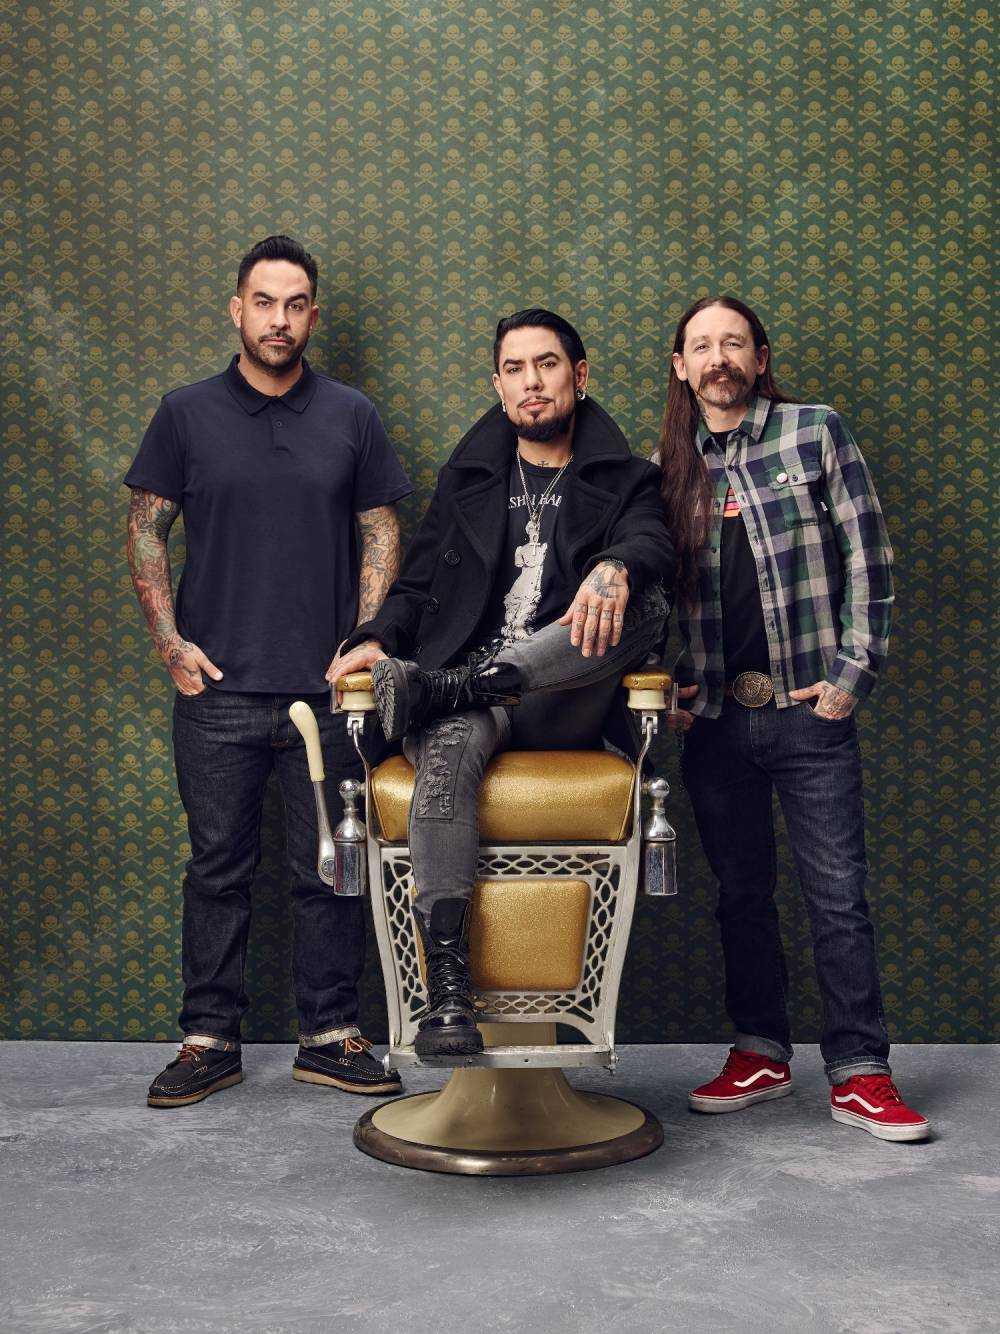 Ink Master: al via la stagione 6 del talent per tatuatori su Sky Uno Hd